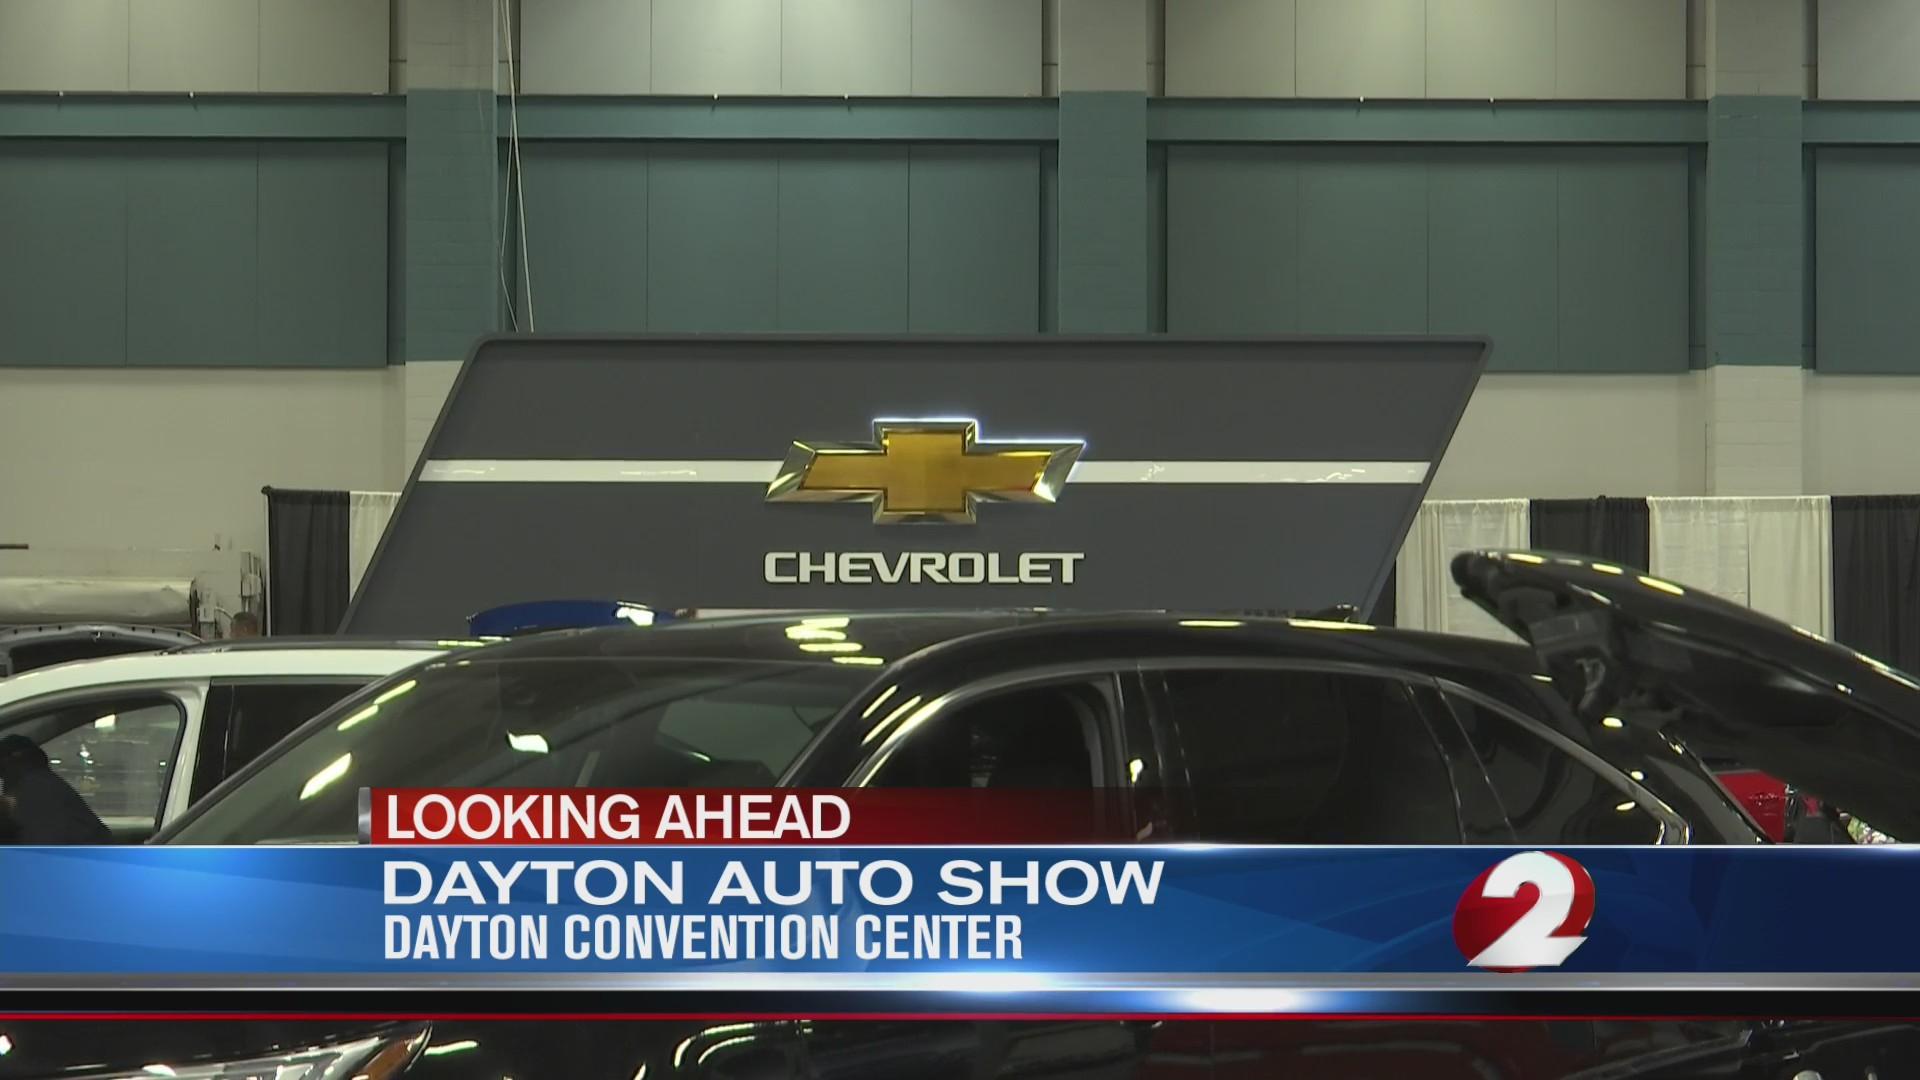 Dayton Auto Show